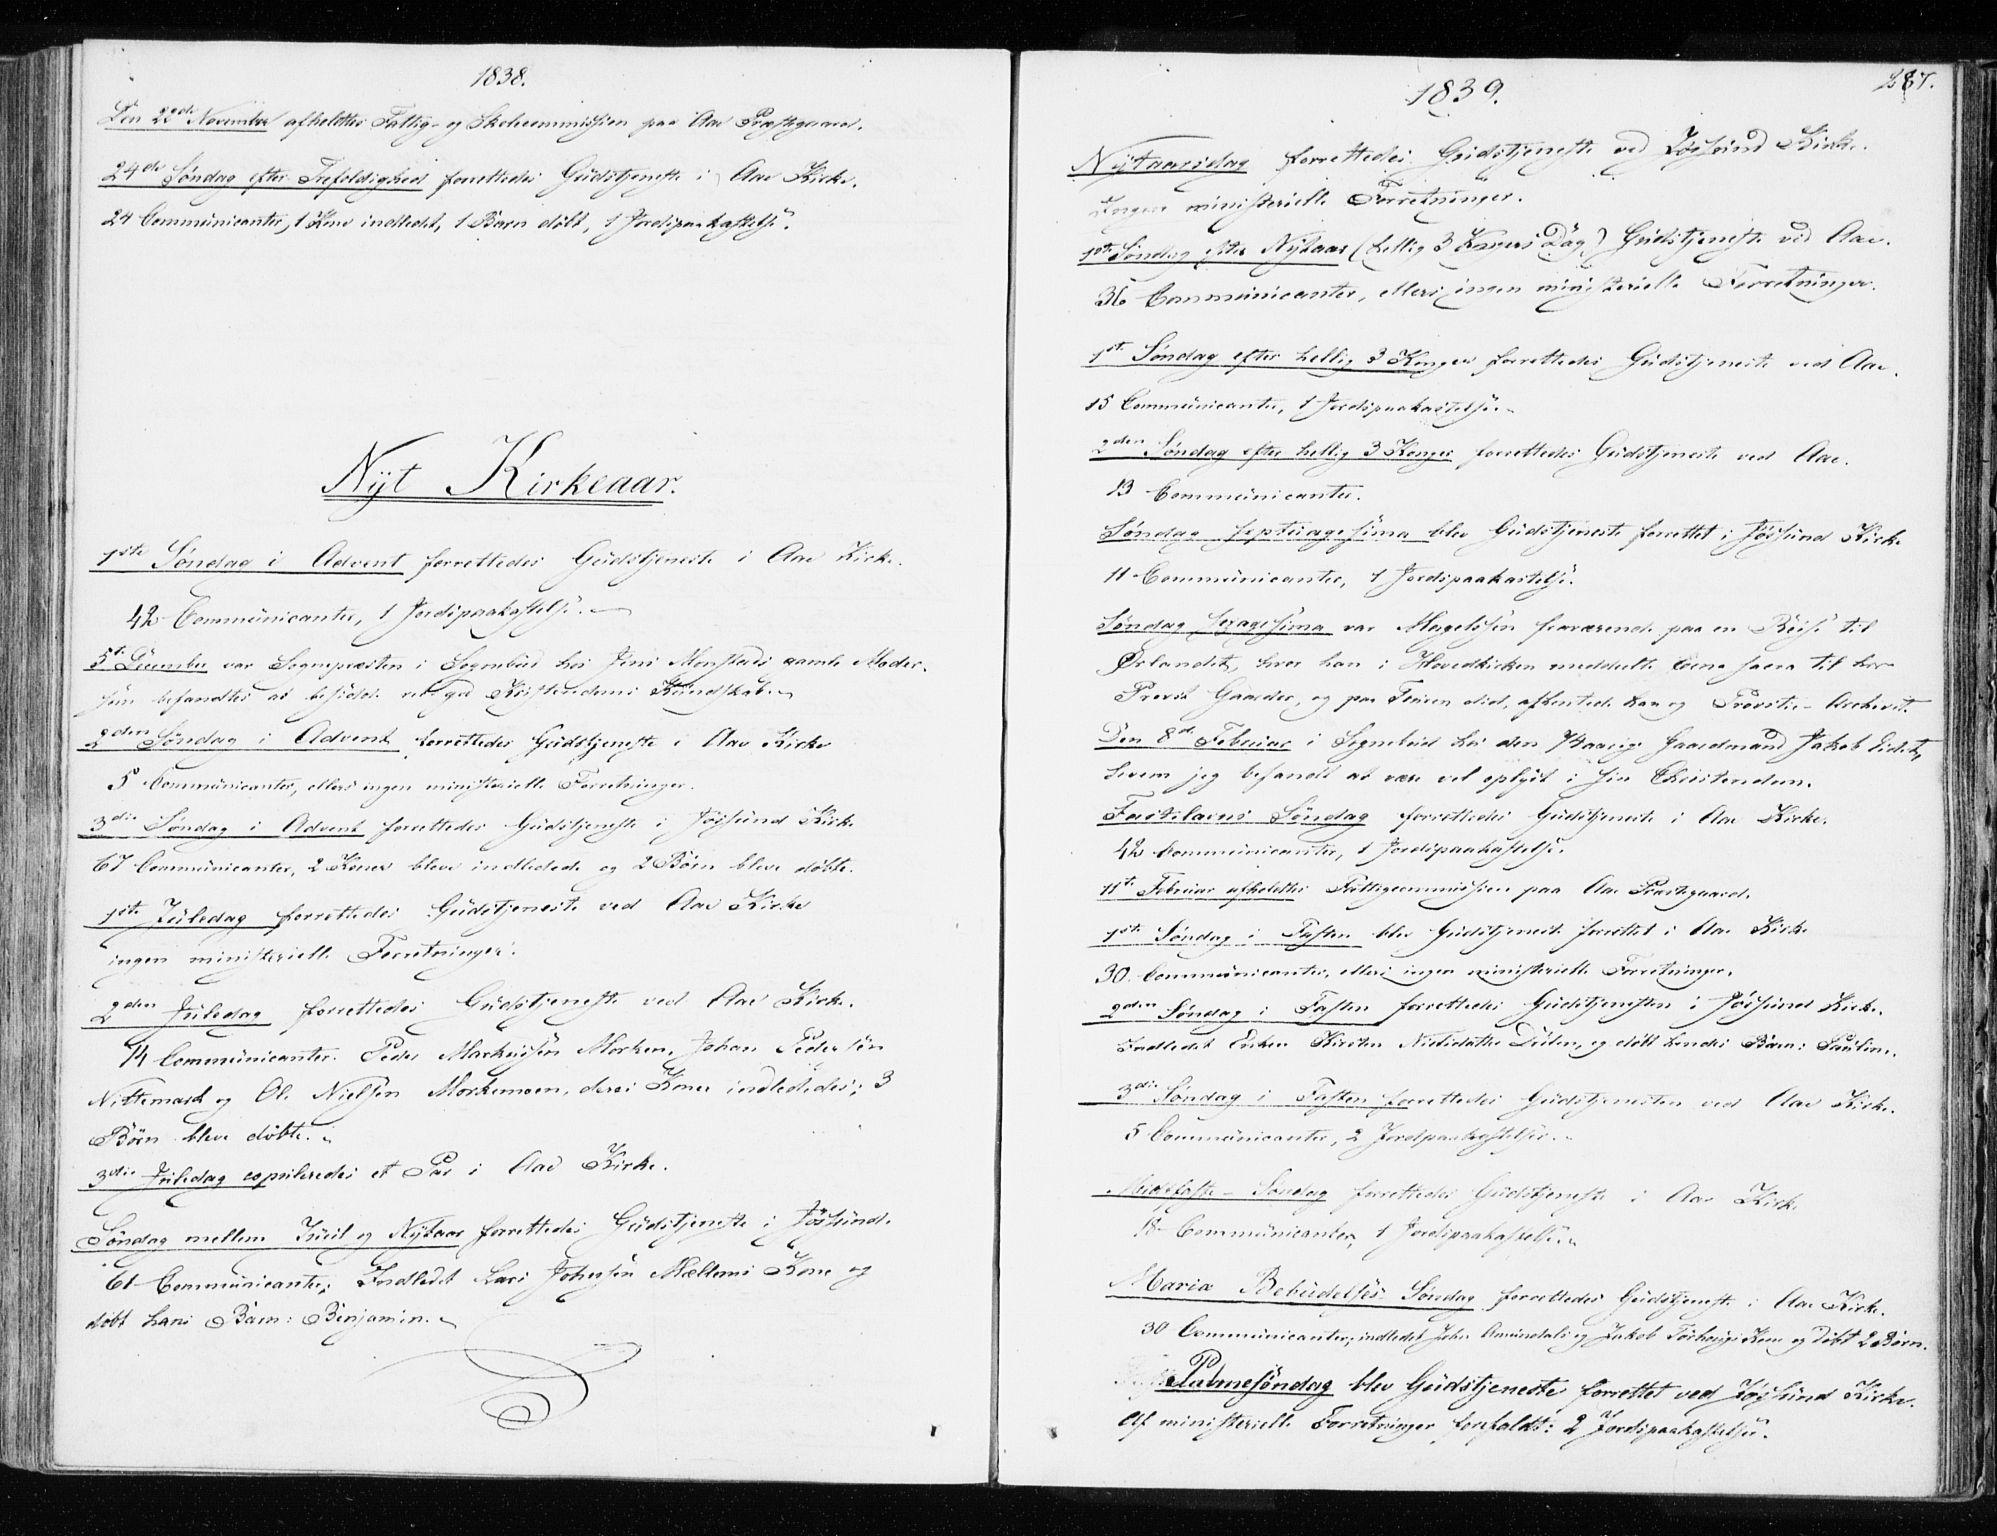 SAT, Ministerialprotokoller, klokkerbøker og fødselsregistre - Sør-Trøndelag, 655/L0676: Ministerialbok nr. 655A05, 1830-1847, s. 287